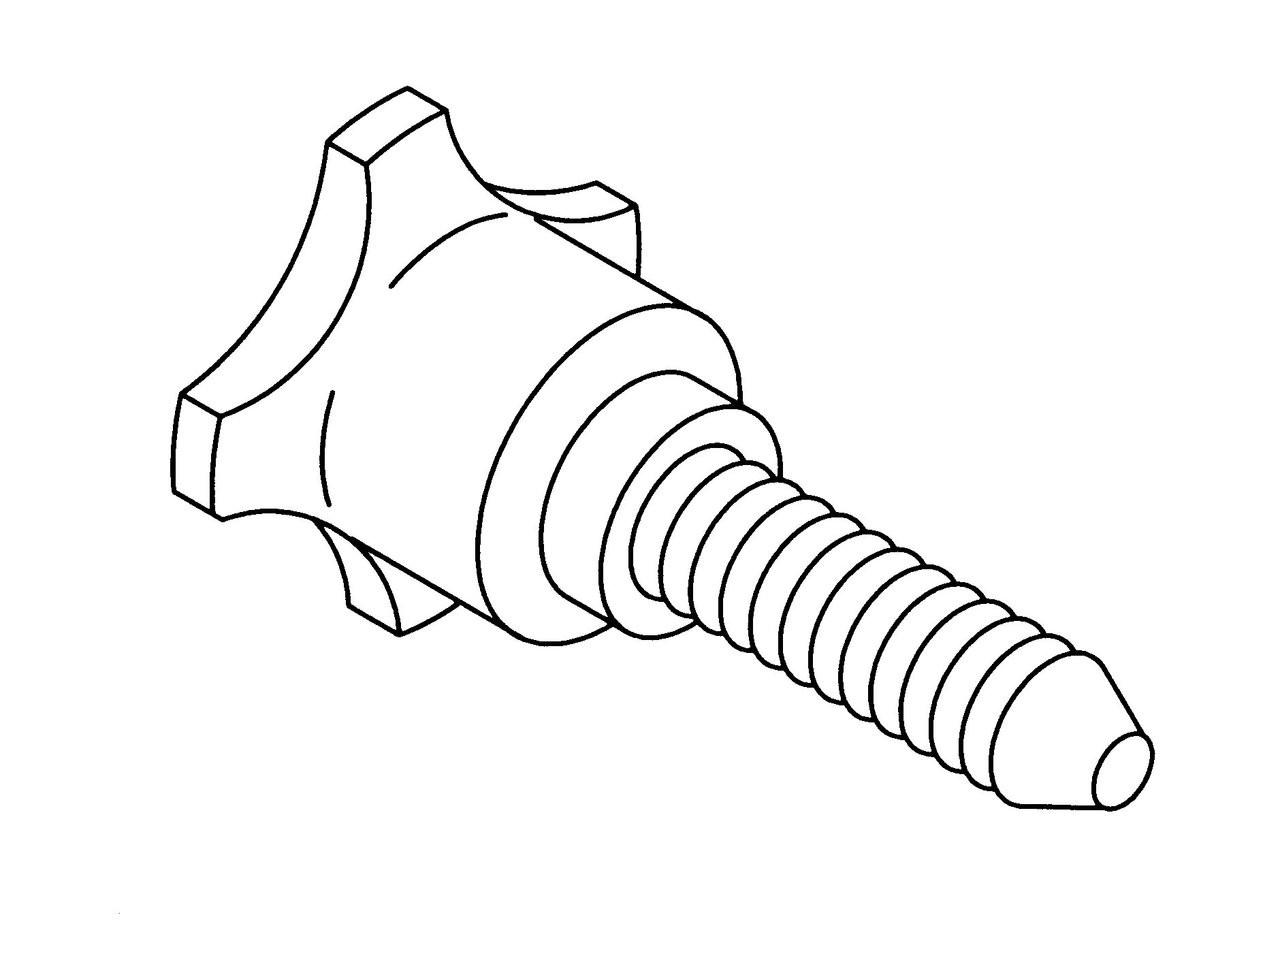 Bizerba Slicer - Sharpener Knob - SE12,SE8,A330,SG8D - BZ040